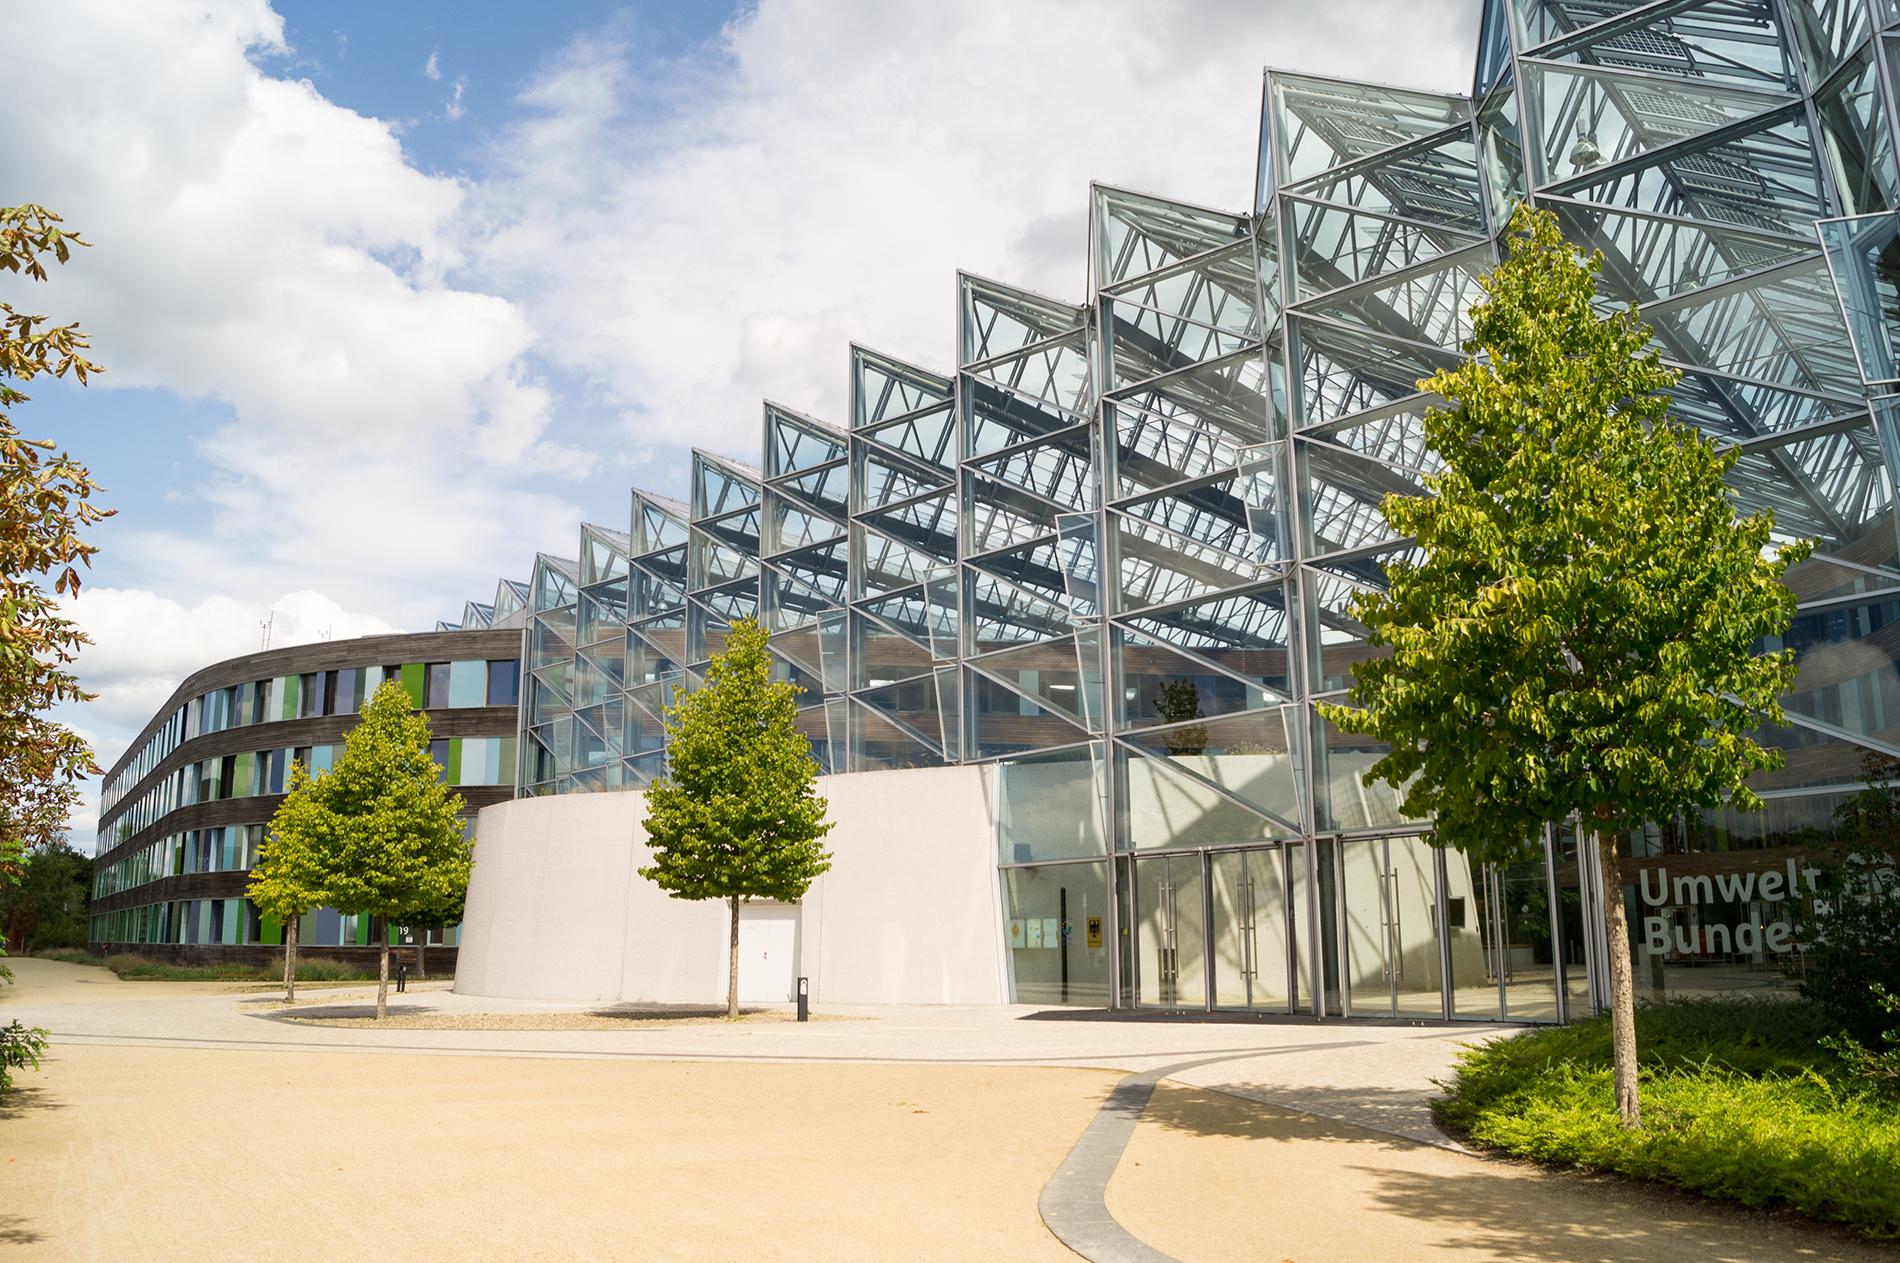 Hauptsitz des UBA in Dessau-Roßlau: Hier wird für die Umwelt geforscht; Foto: Martin Stallmann / Umweltbundesamt